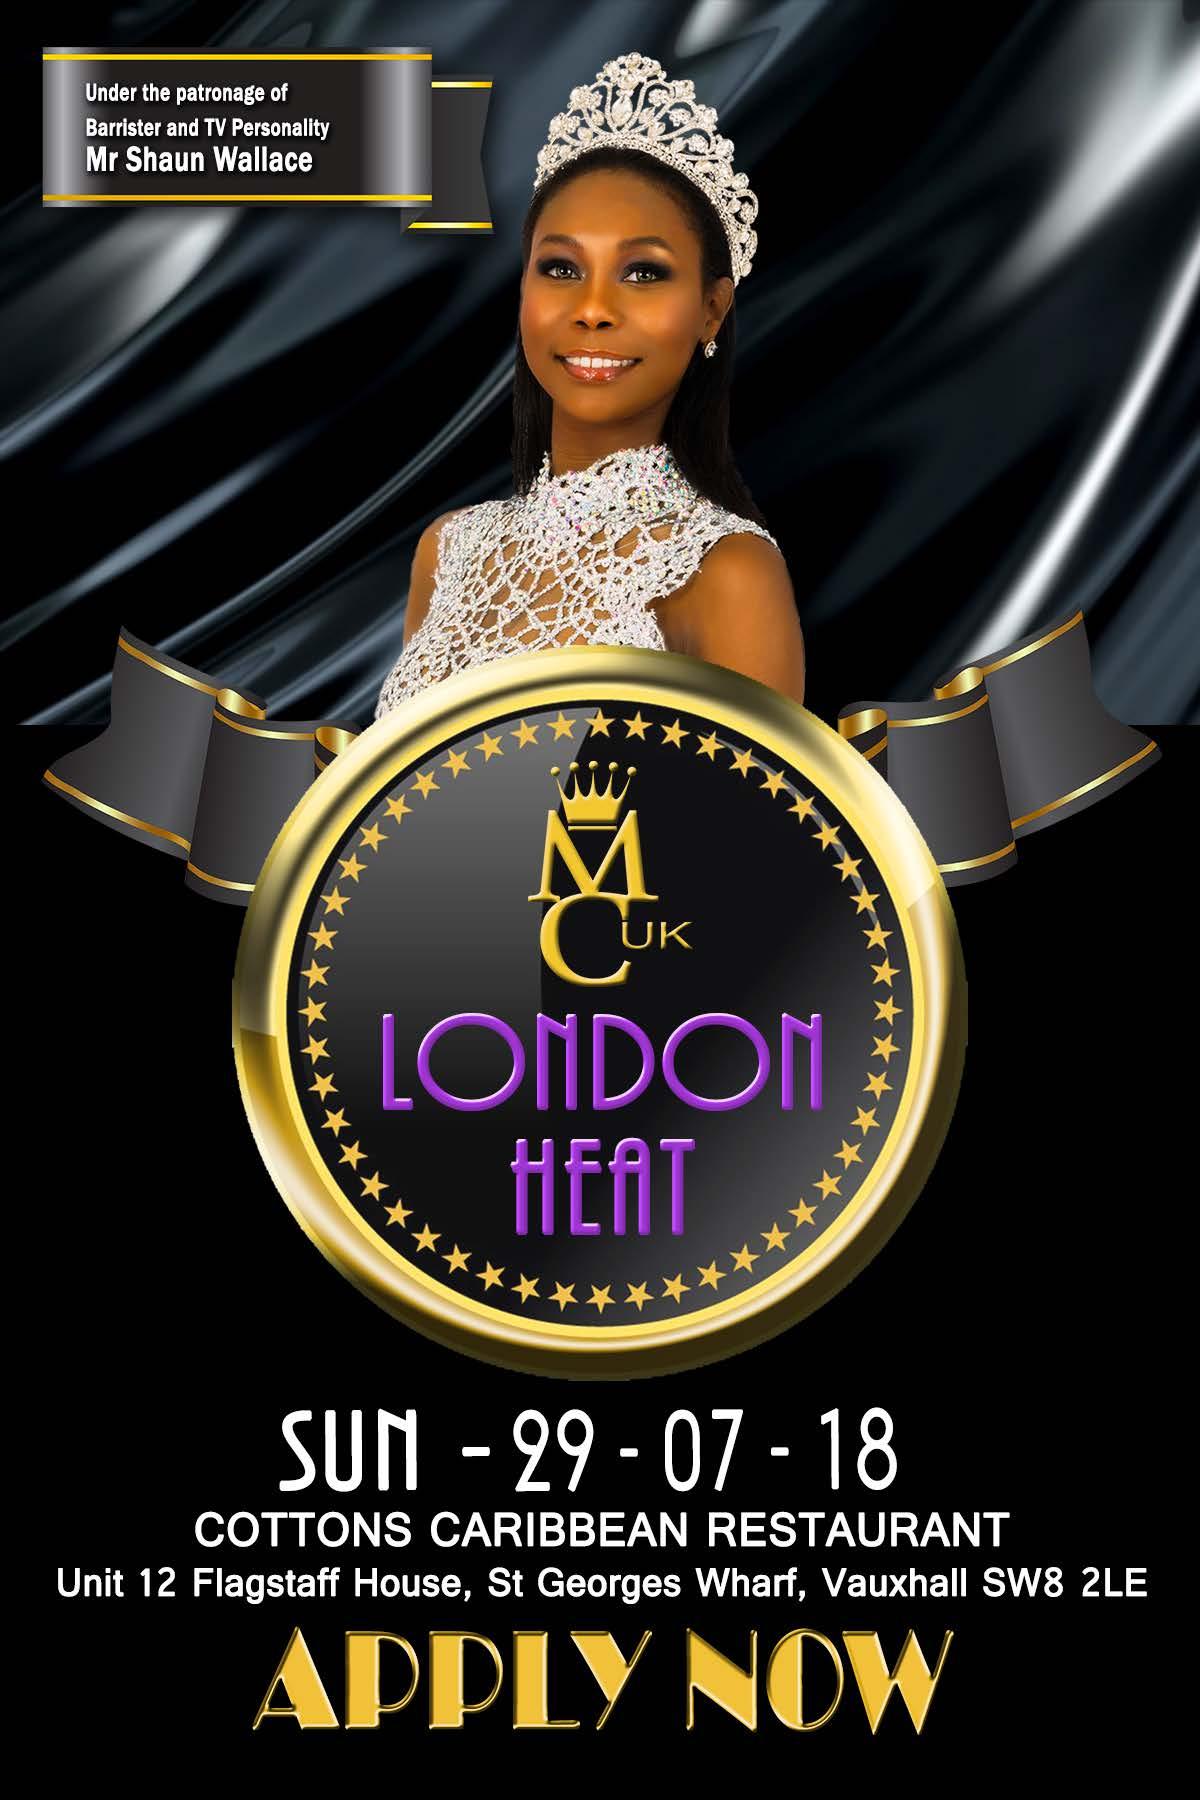 Miss Caribbean UK London Heat